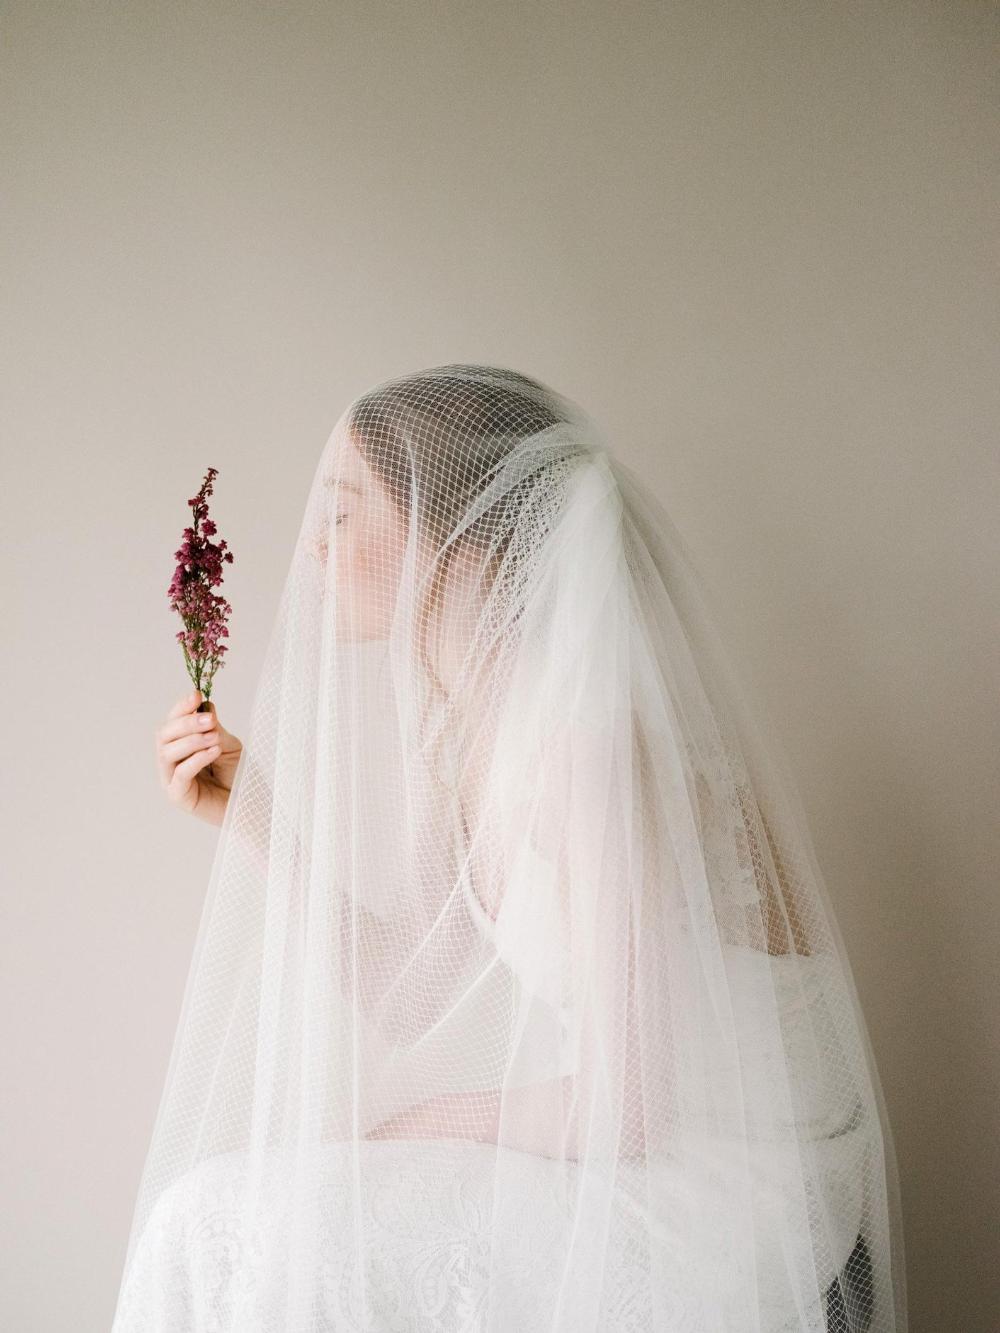 Modern Netting Tulle Bridal Veil Ivory Tulle Blusher Wedding Etsy Tulle Bridal Veil Veil Styles Tulle Blusher